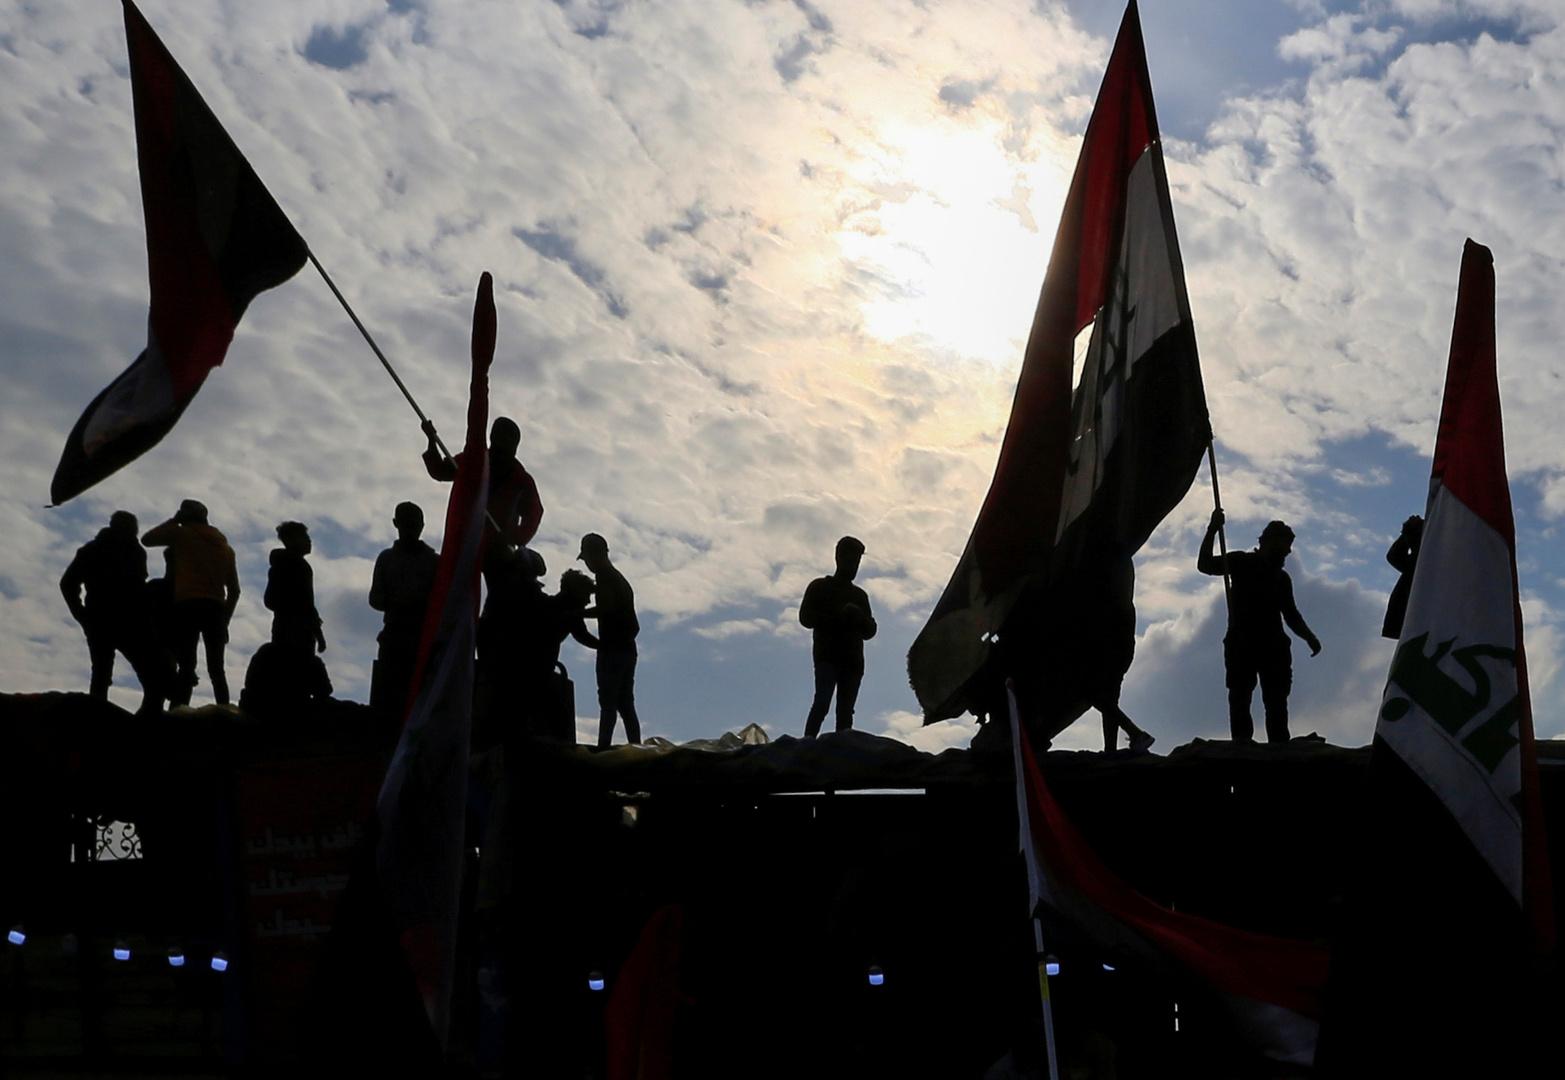 واشنطن تُدين اغتيال صحفيين عراقيين وتصفه بـ